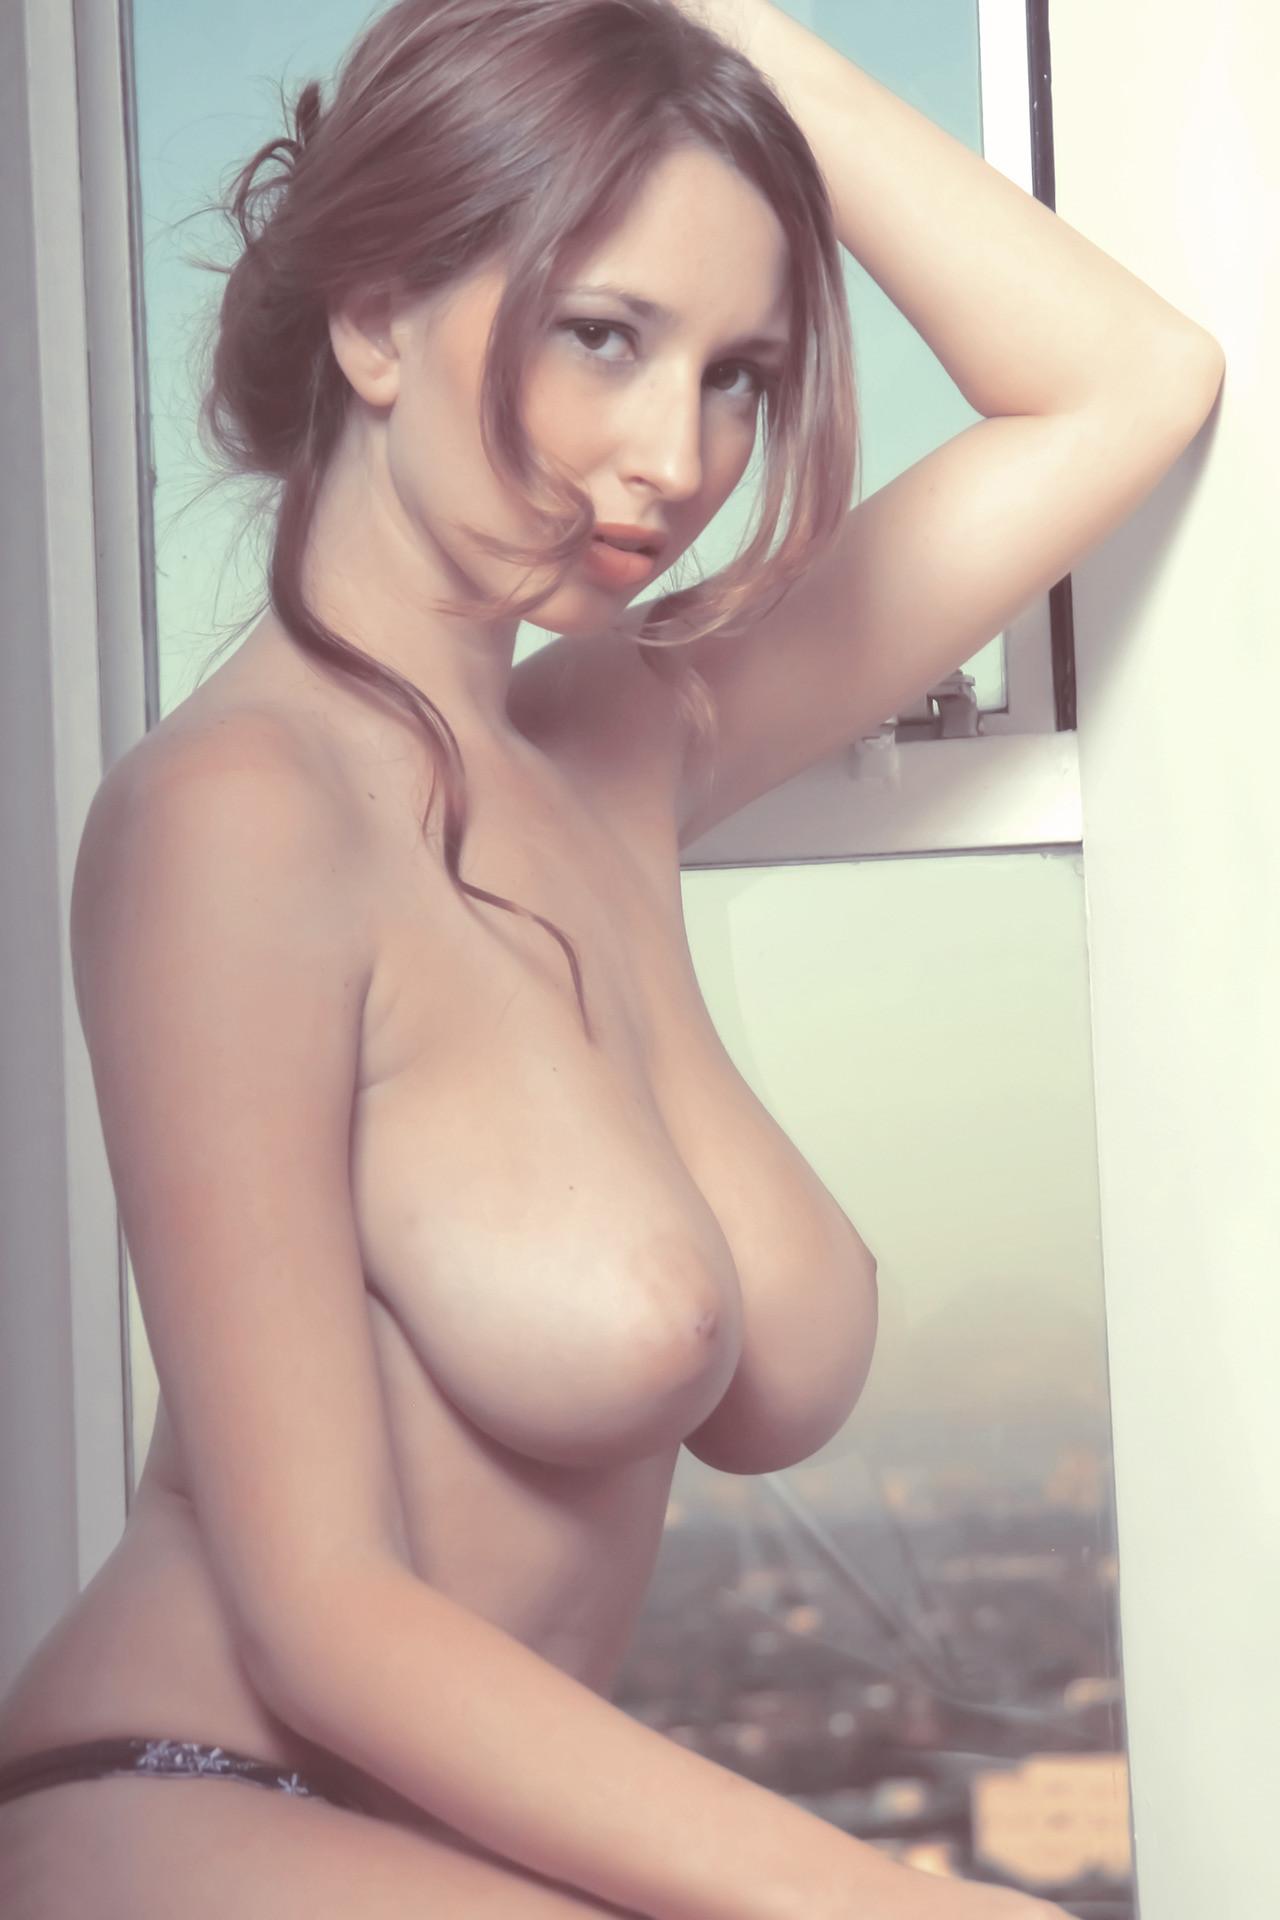 【朗報】ロシアのポルノスター、子どもにしか見えない件。(※画像あり)・32枚目